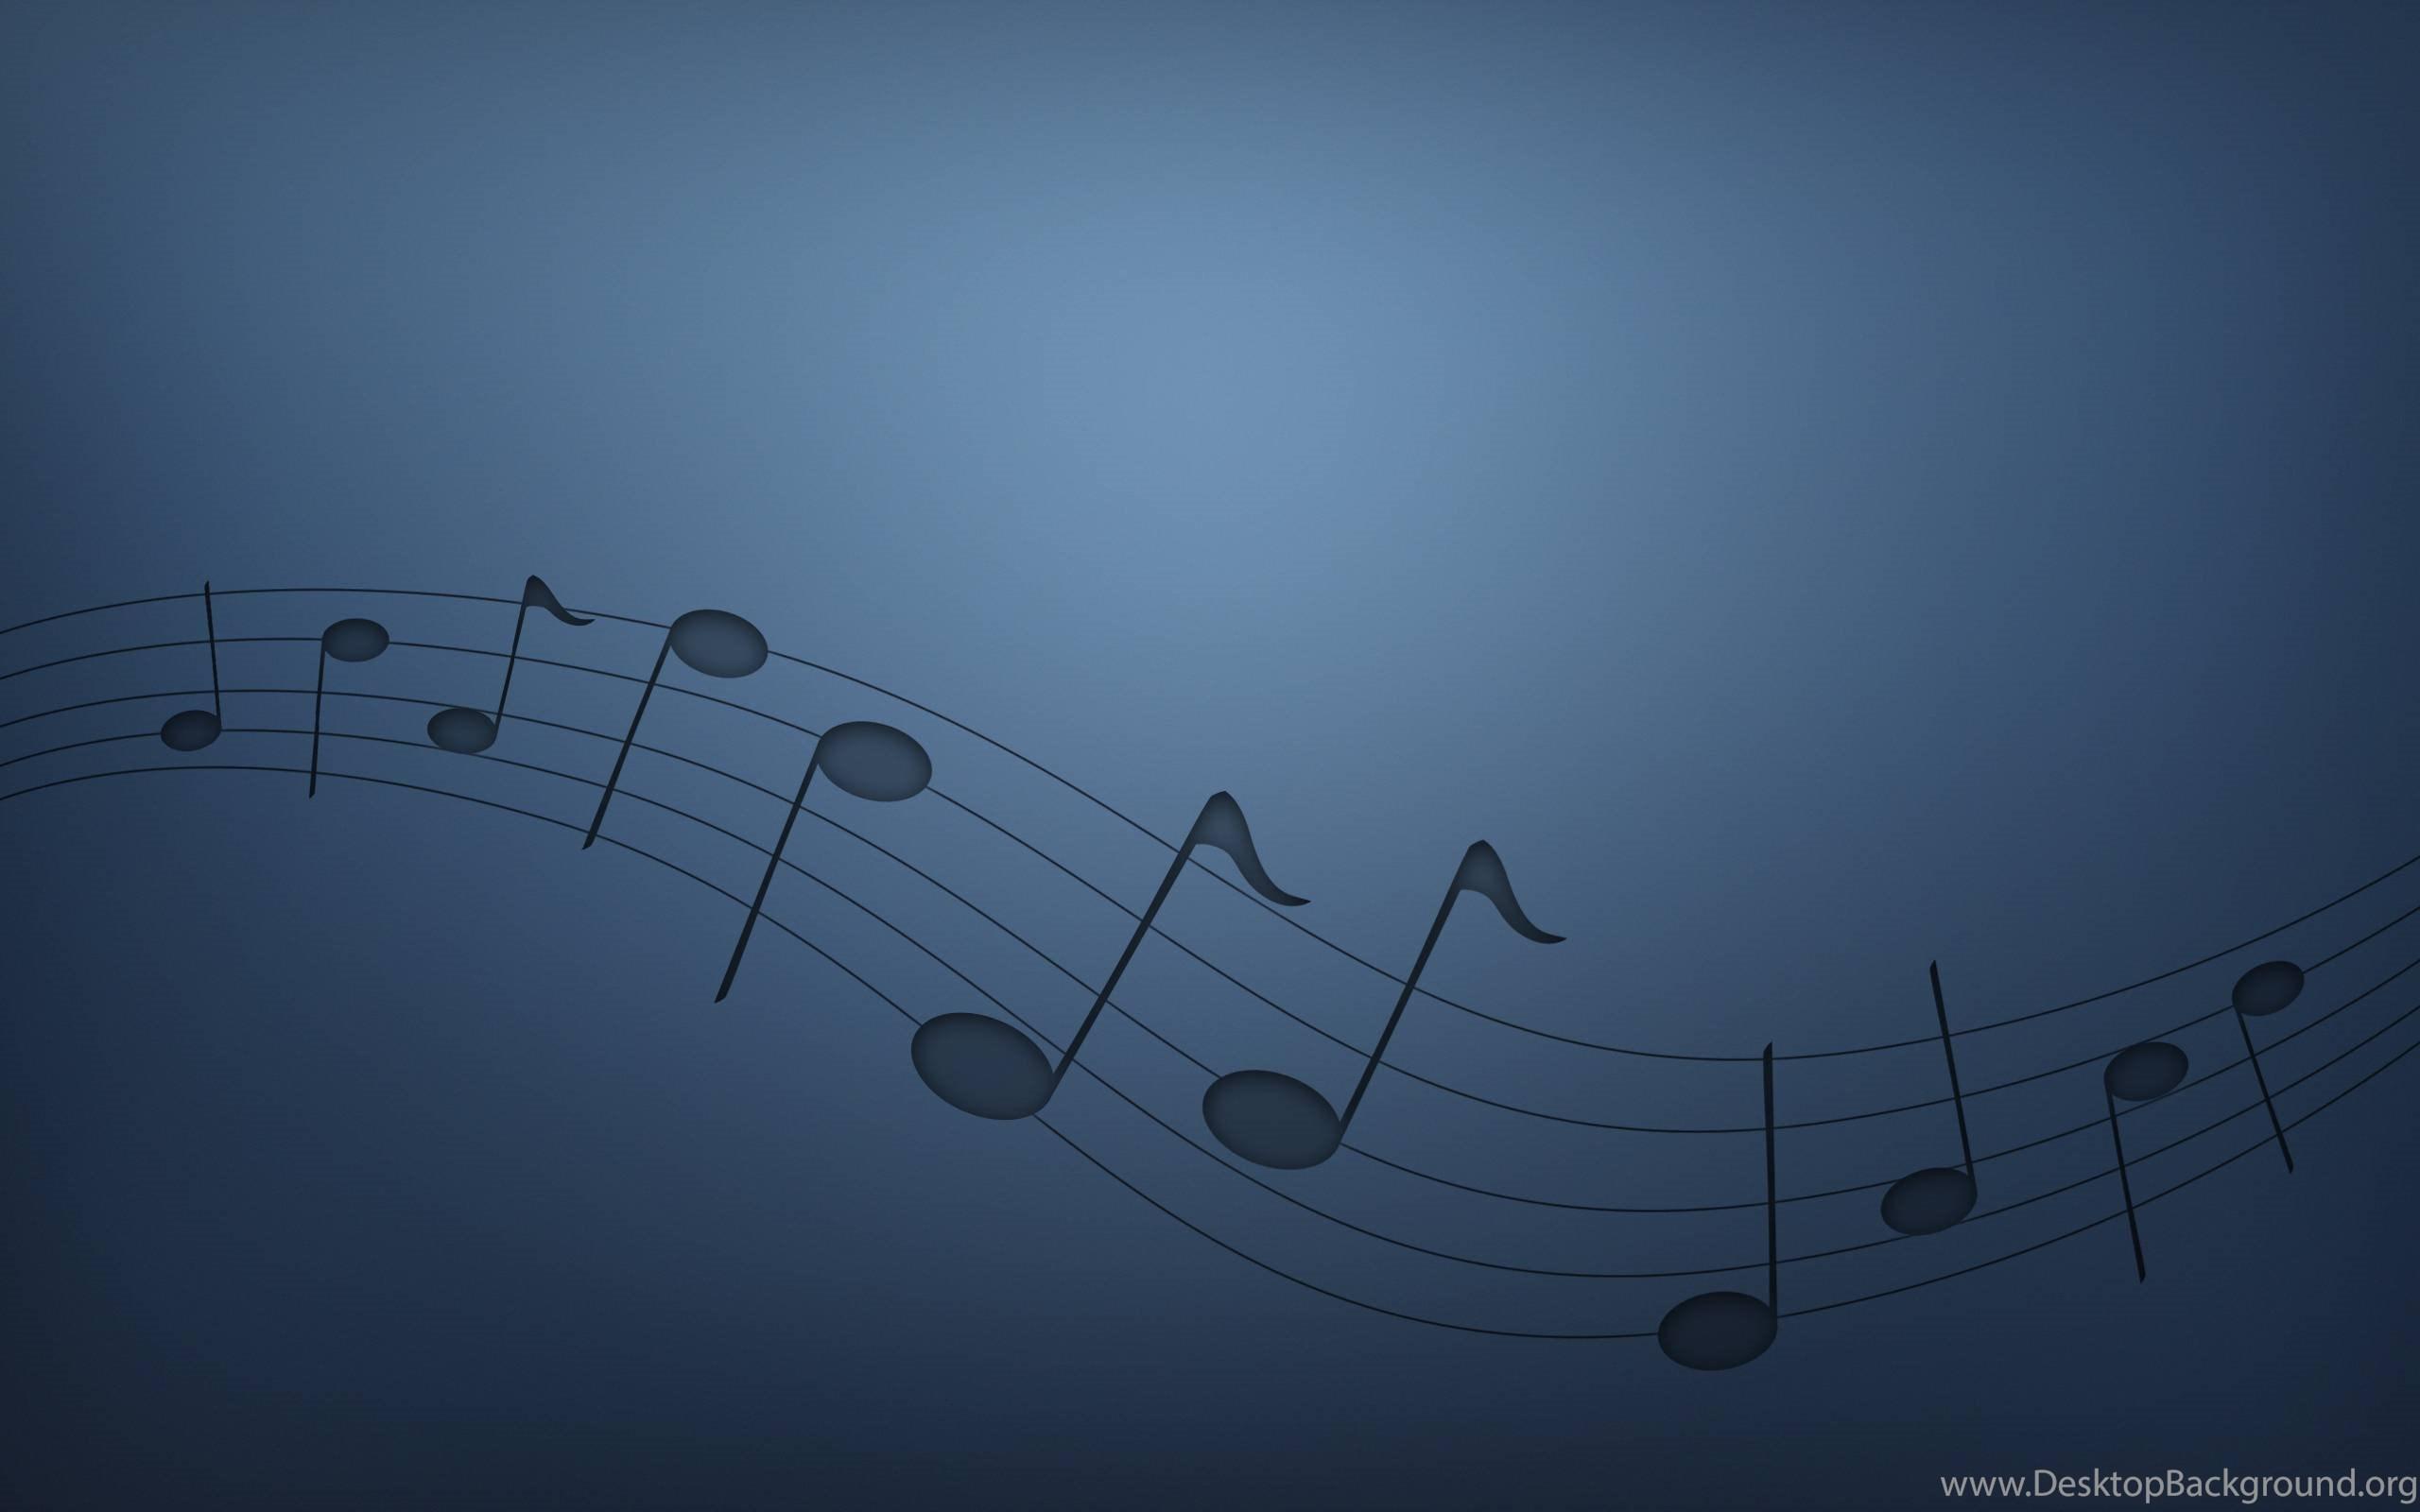 Music Website Background Images Hd Desktop Background